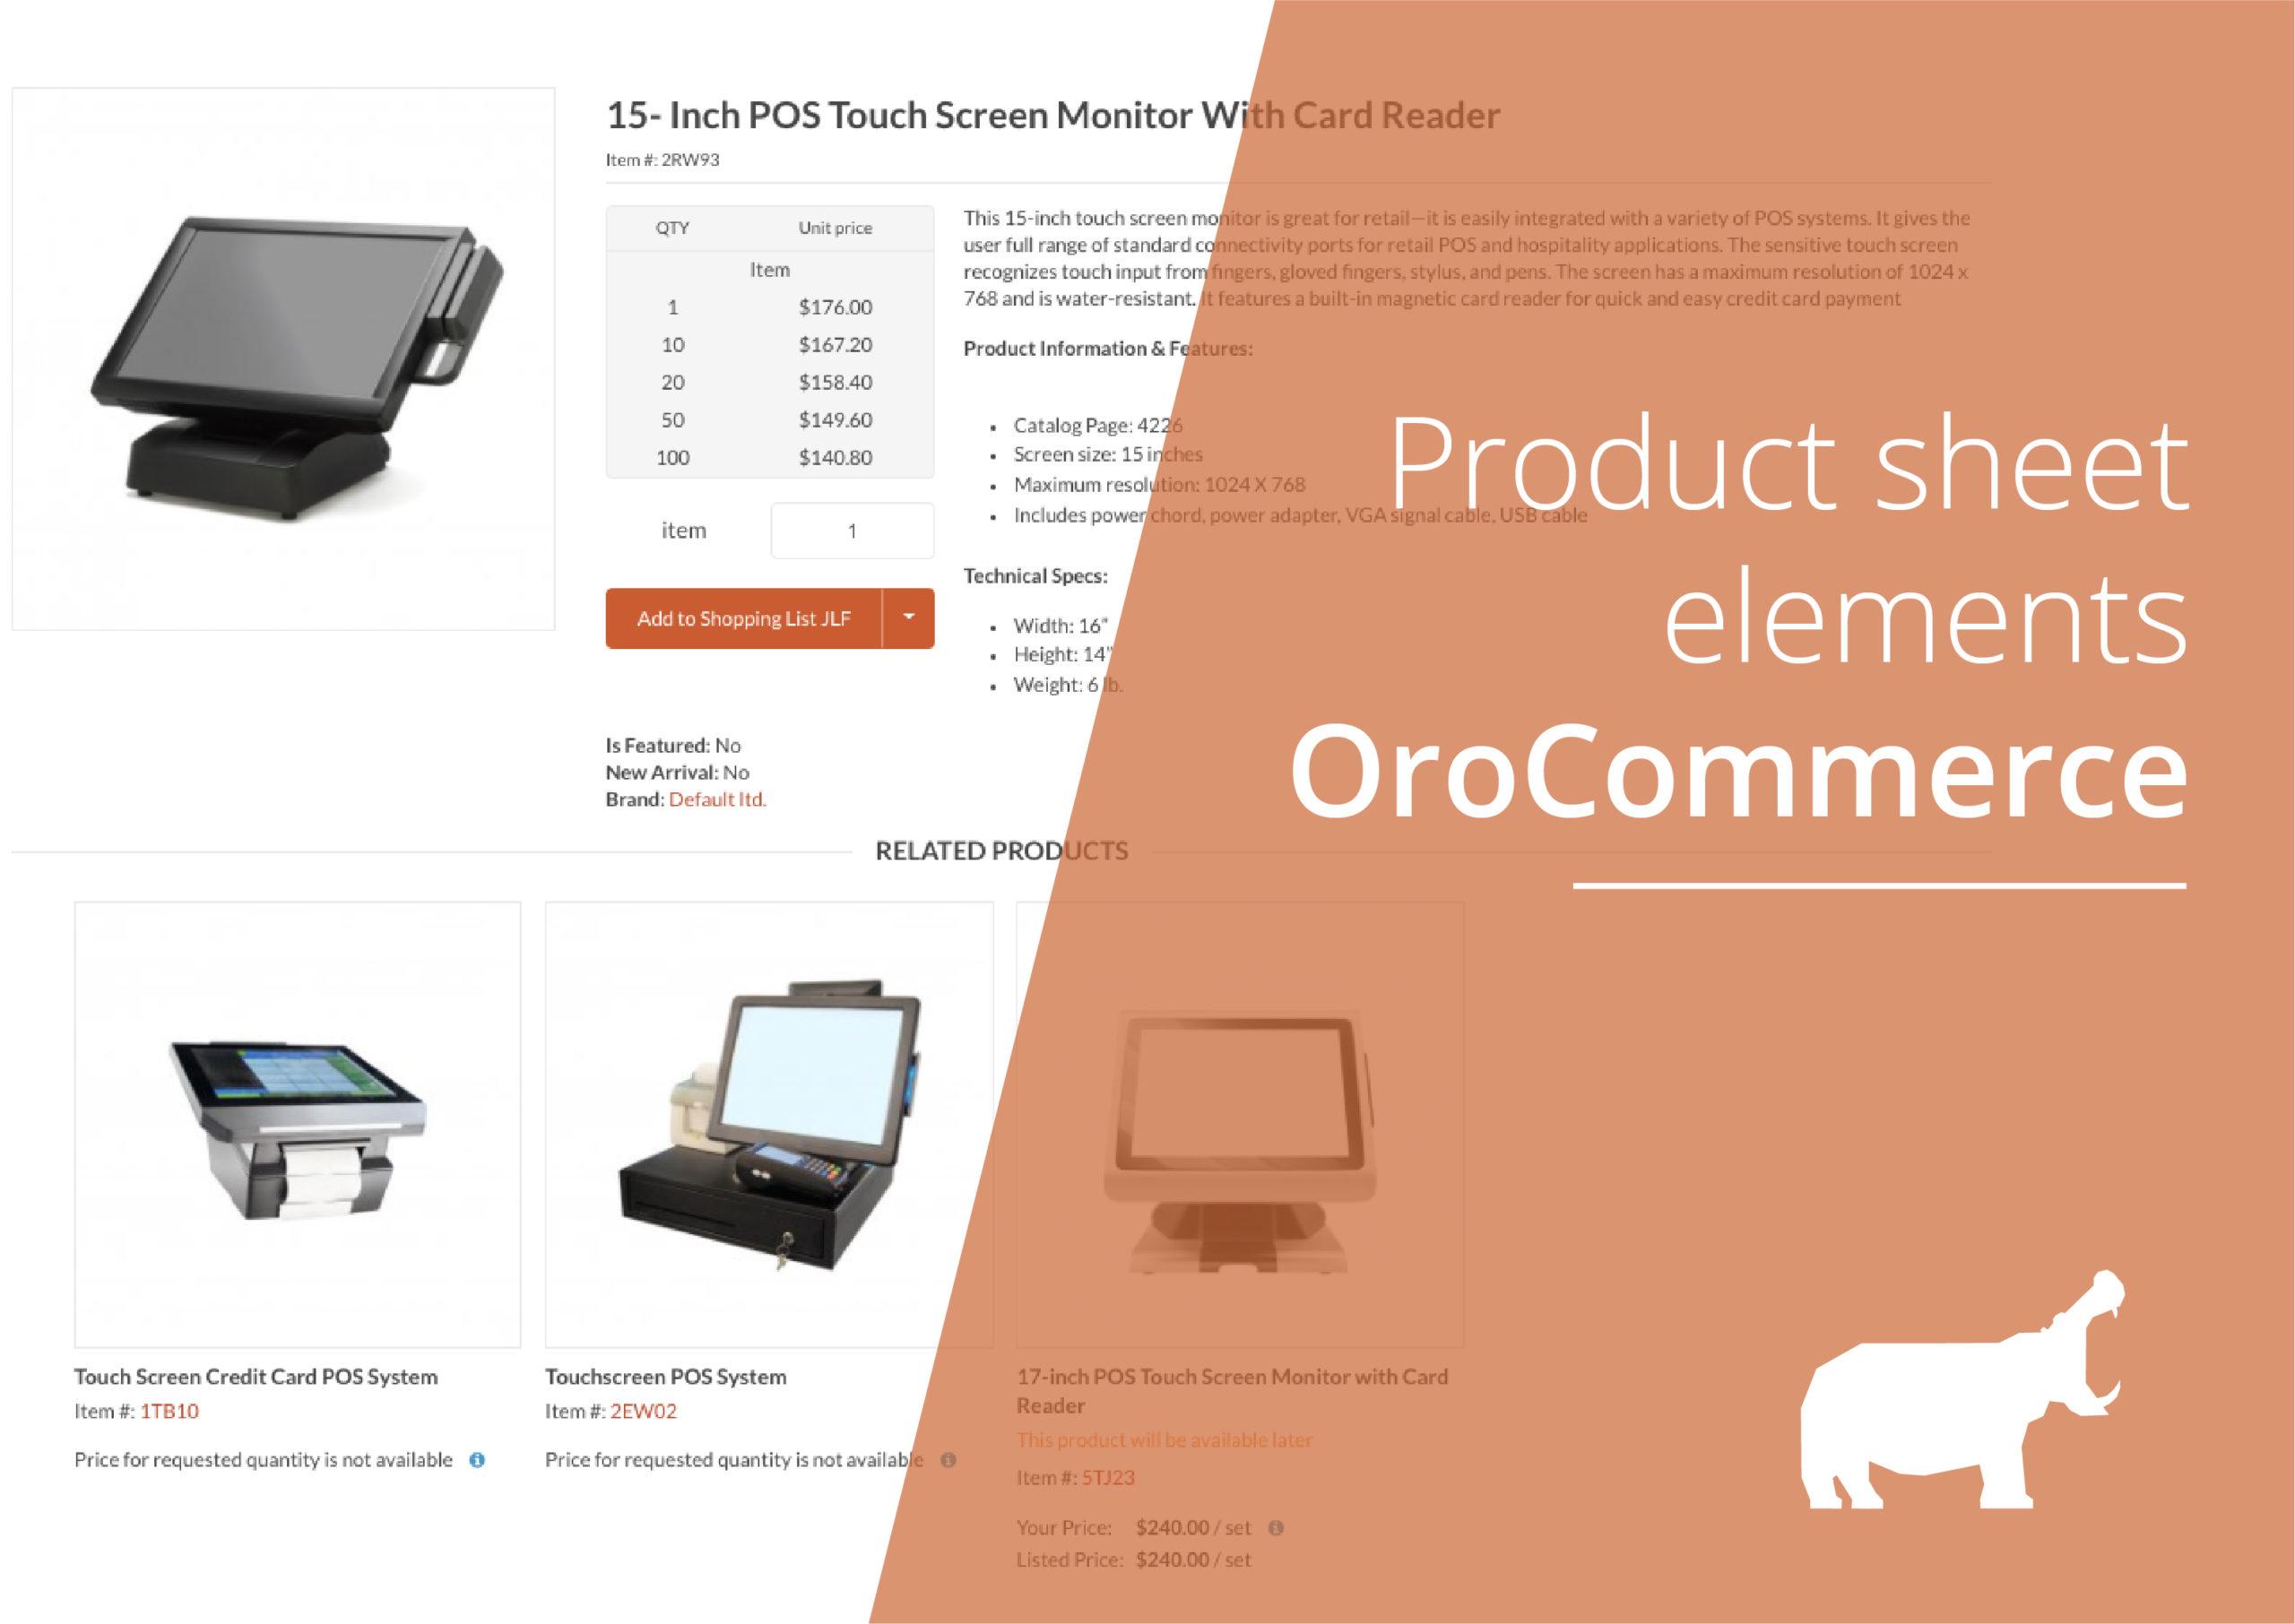 OroCommerce product sheet